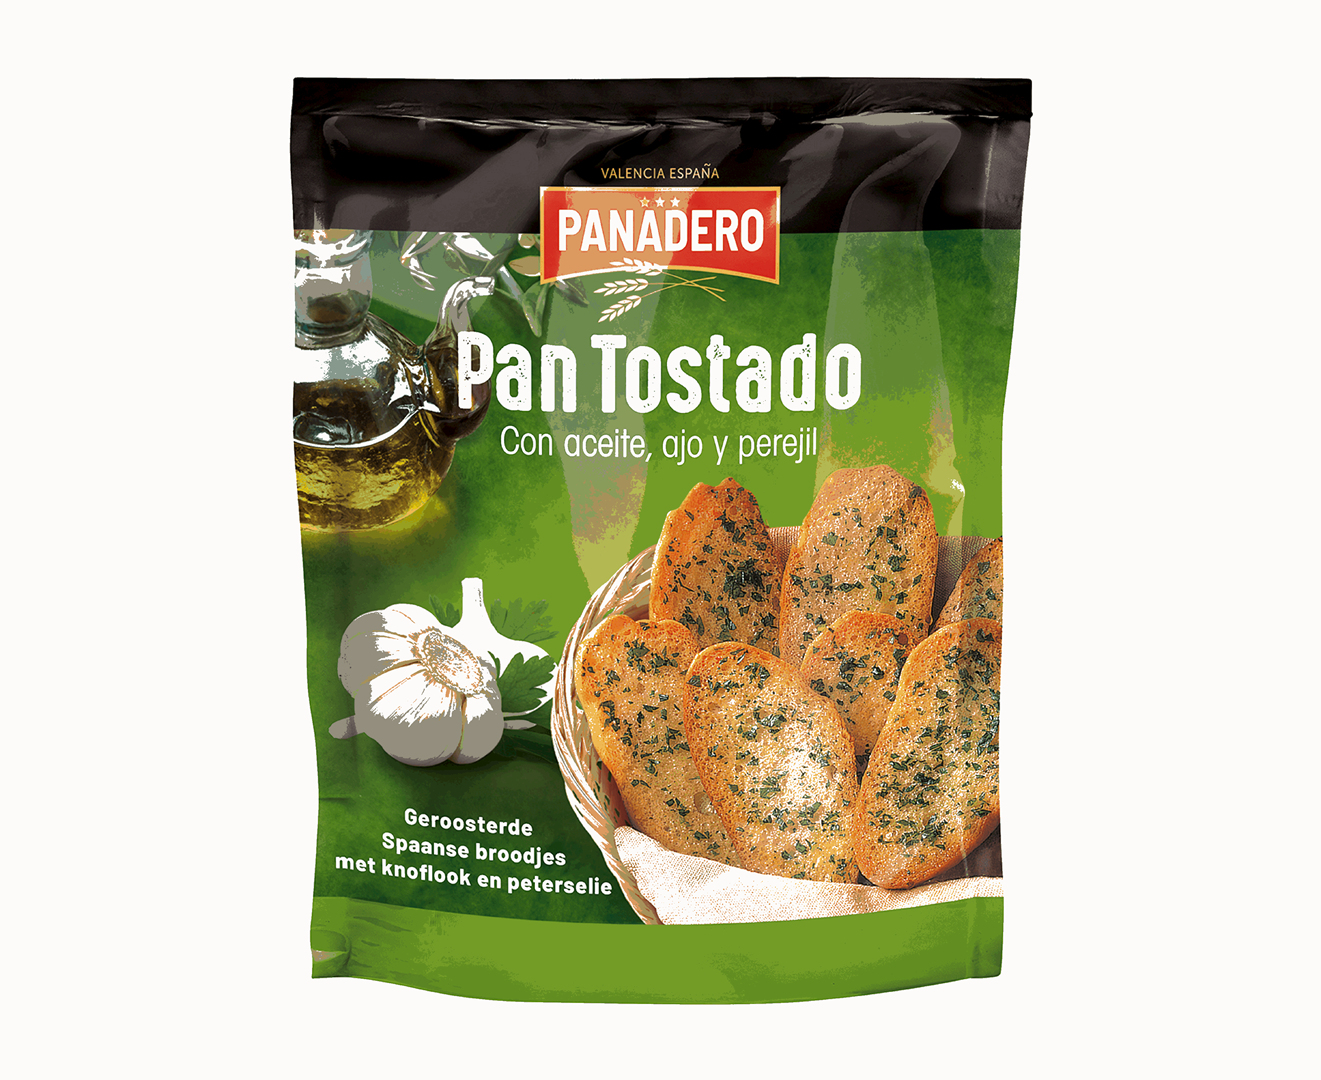 Productafbeelding Panadero geroosterde broodjes Pan Tostado olijf knoflook peterselie 160g stazak